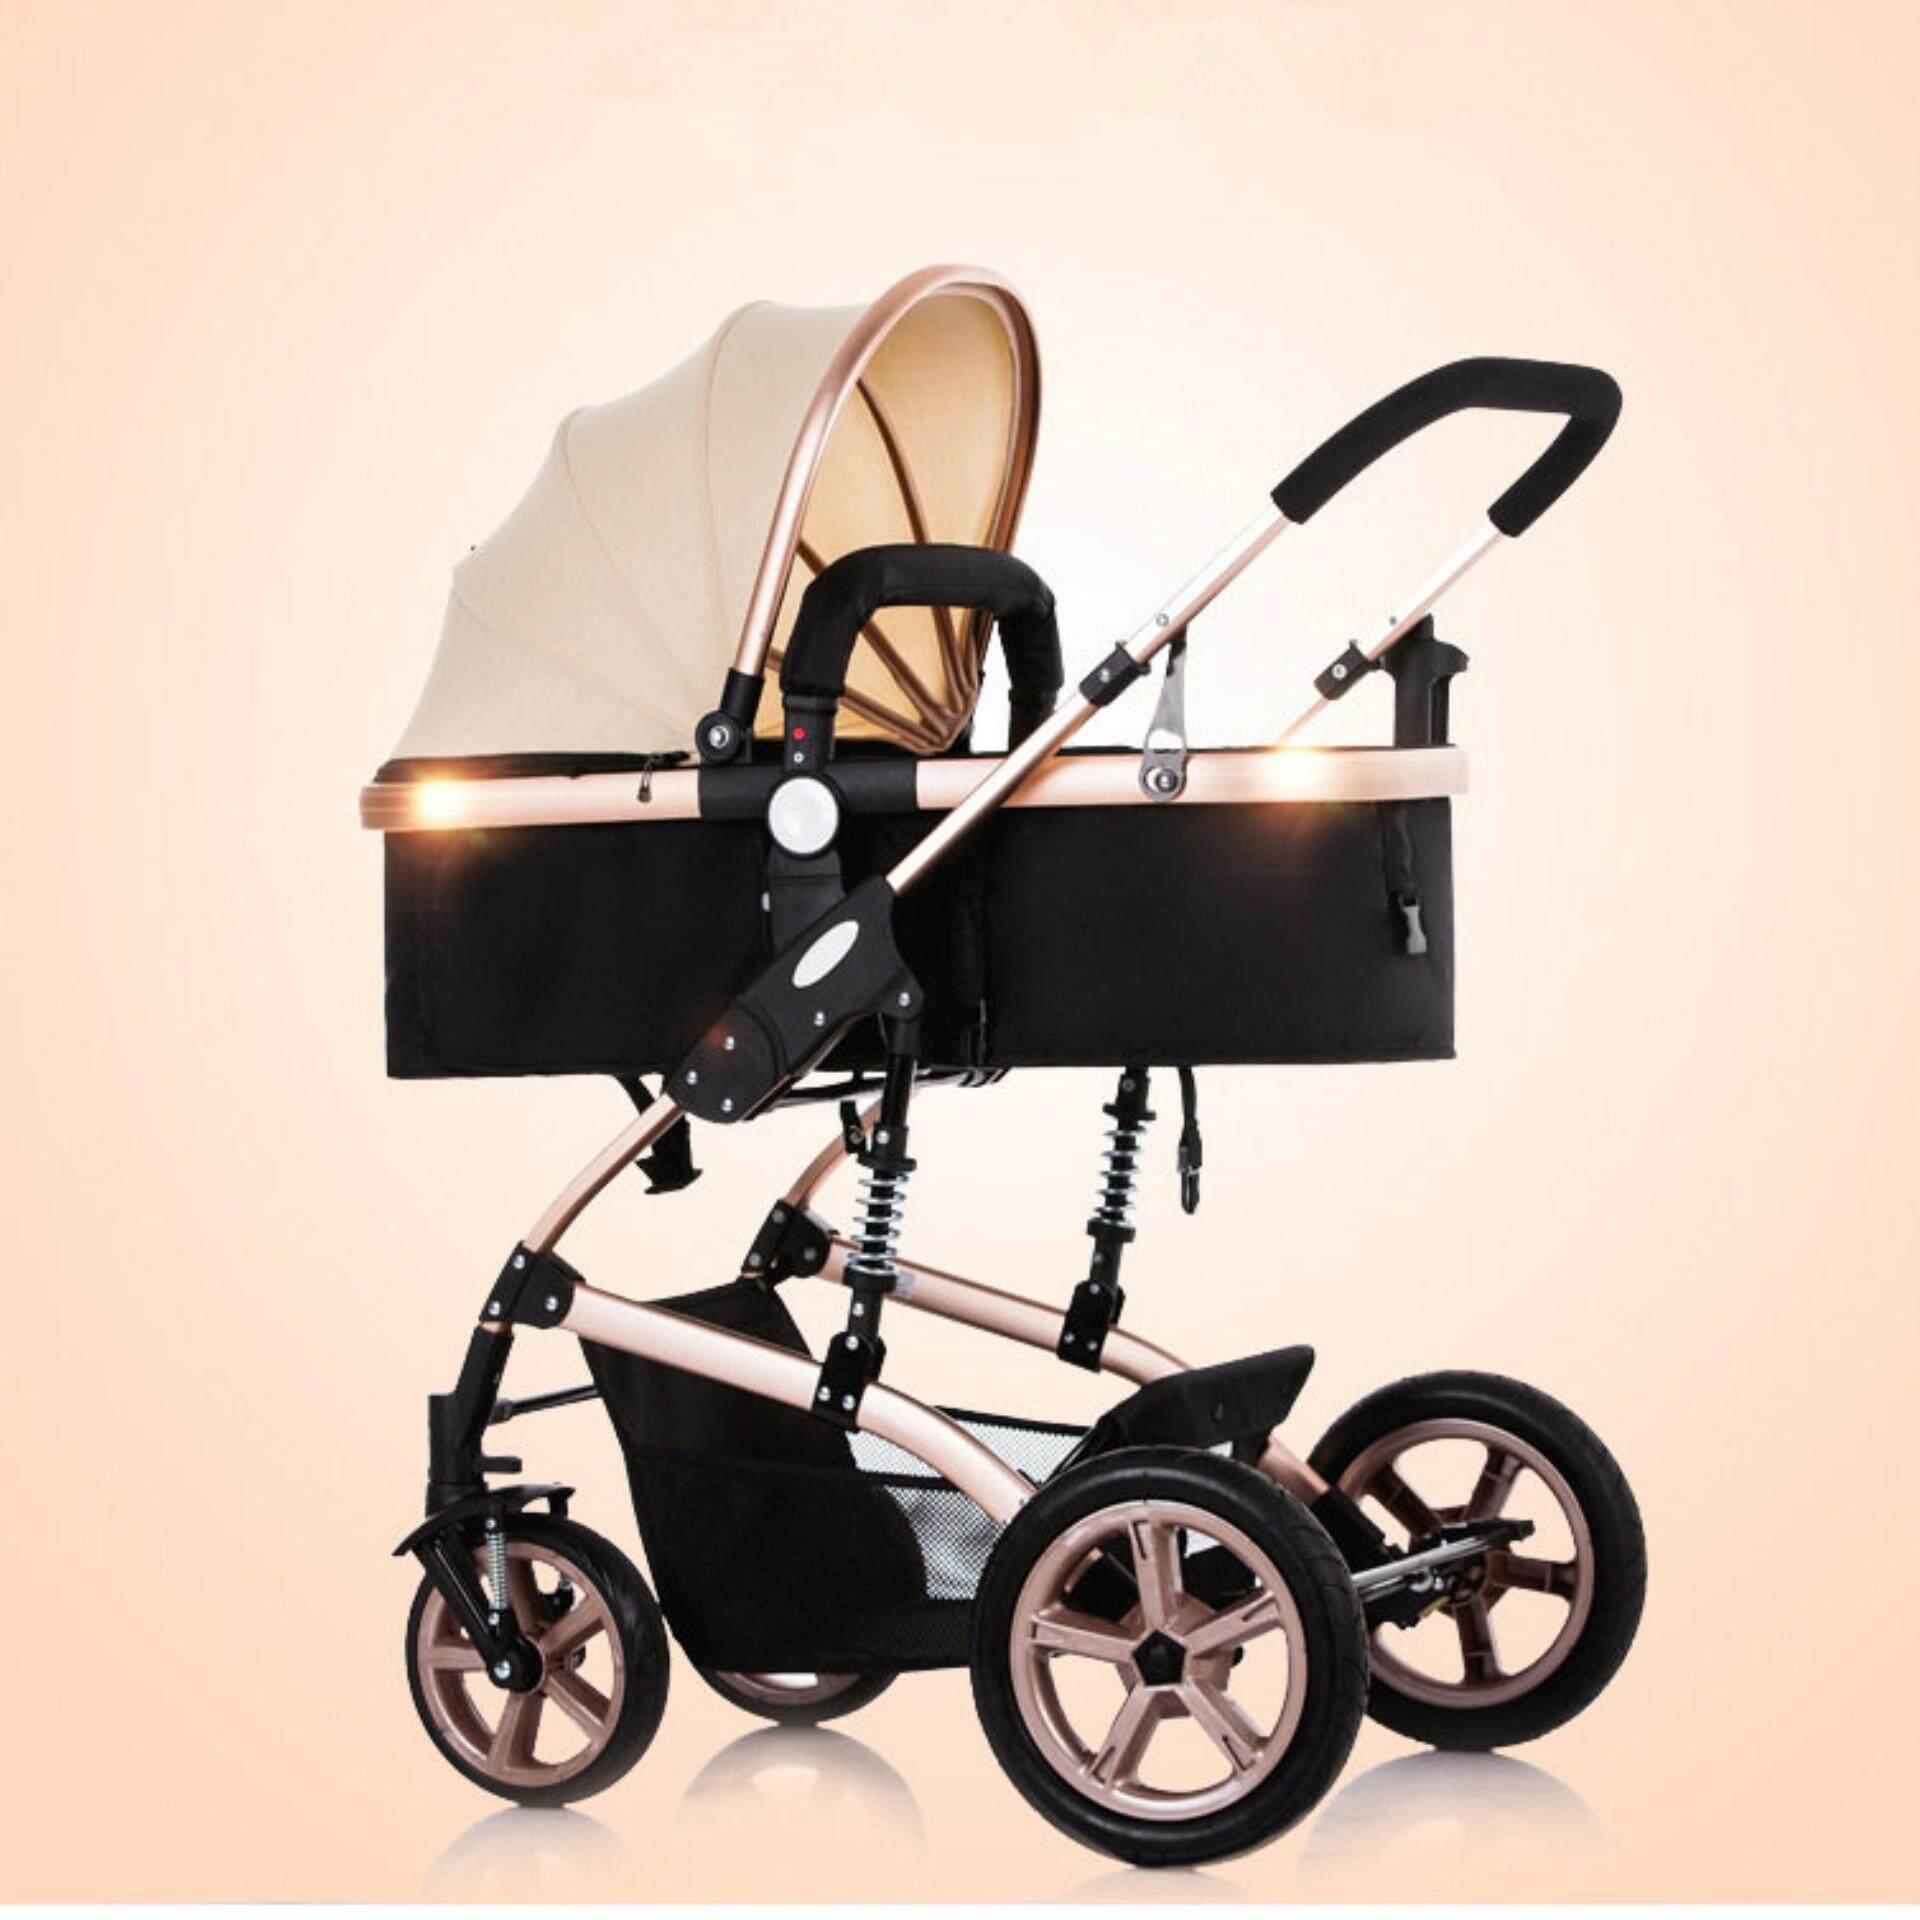 ลดราคาต่ำสุดฉลองยอดขาย HAPPY BABY KIDS รถเข็นเด็กสามล้อ HAPPY BABY KIDS รถเข็นเด็ก 5ล้อ Series ใหม่ ล็อกล้อ ได้ Baby Love เบาะนิ่ม PUล้อใหญ่ รับน้ำหนักได้70kg ดีจริง ๆ